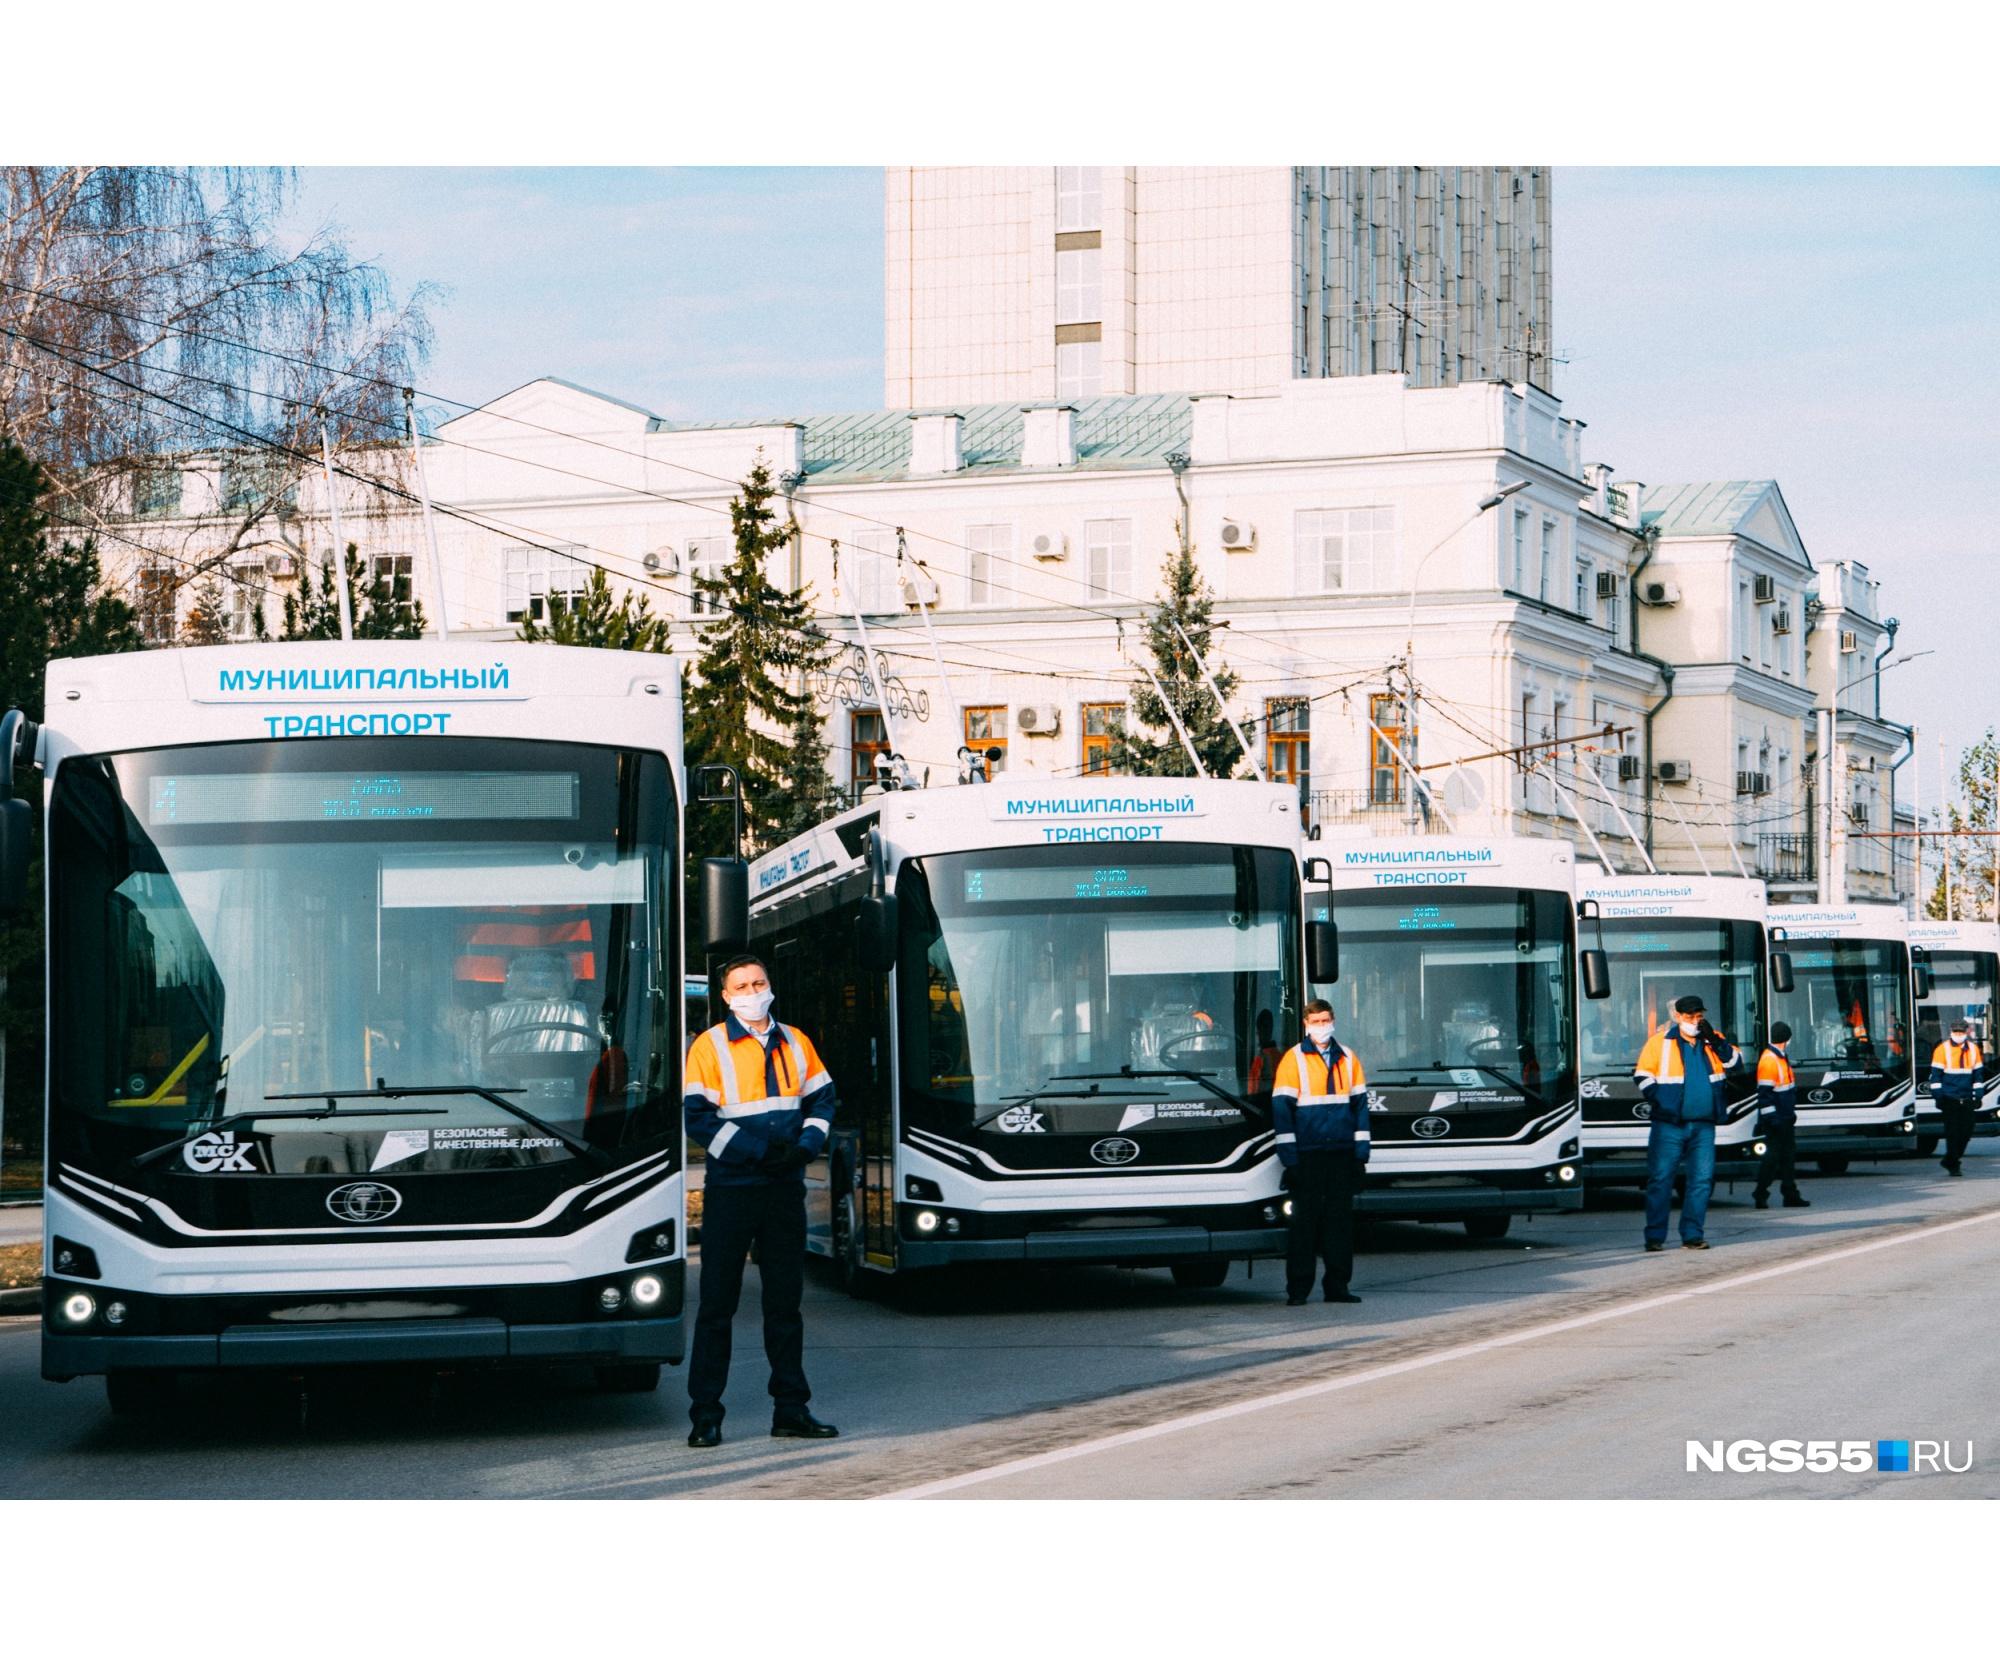 Как рассказали в мэрии Омска, в новых троллейбусах установлены электропневматические двери с системами антиприщемления и «антиход». Они не смогут начать движение, если двери не закрыты или закрыты не полностью